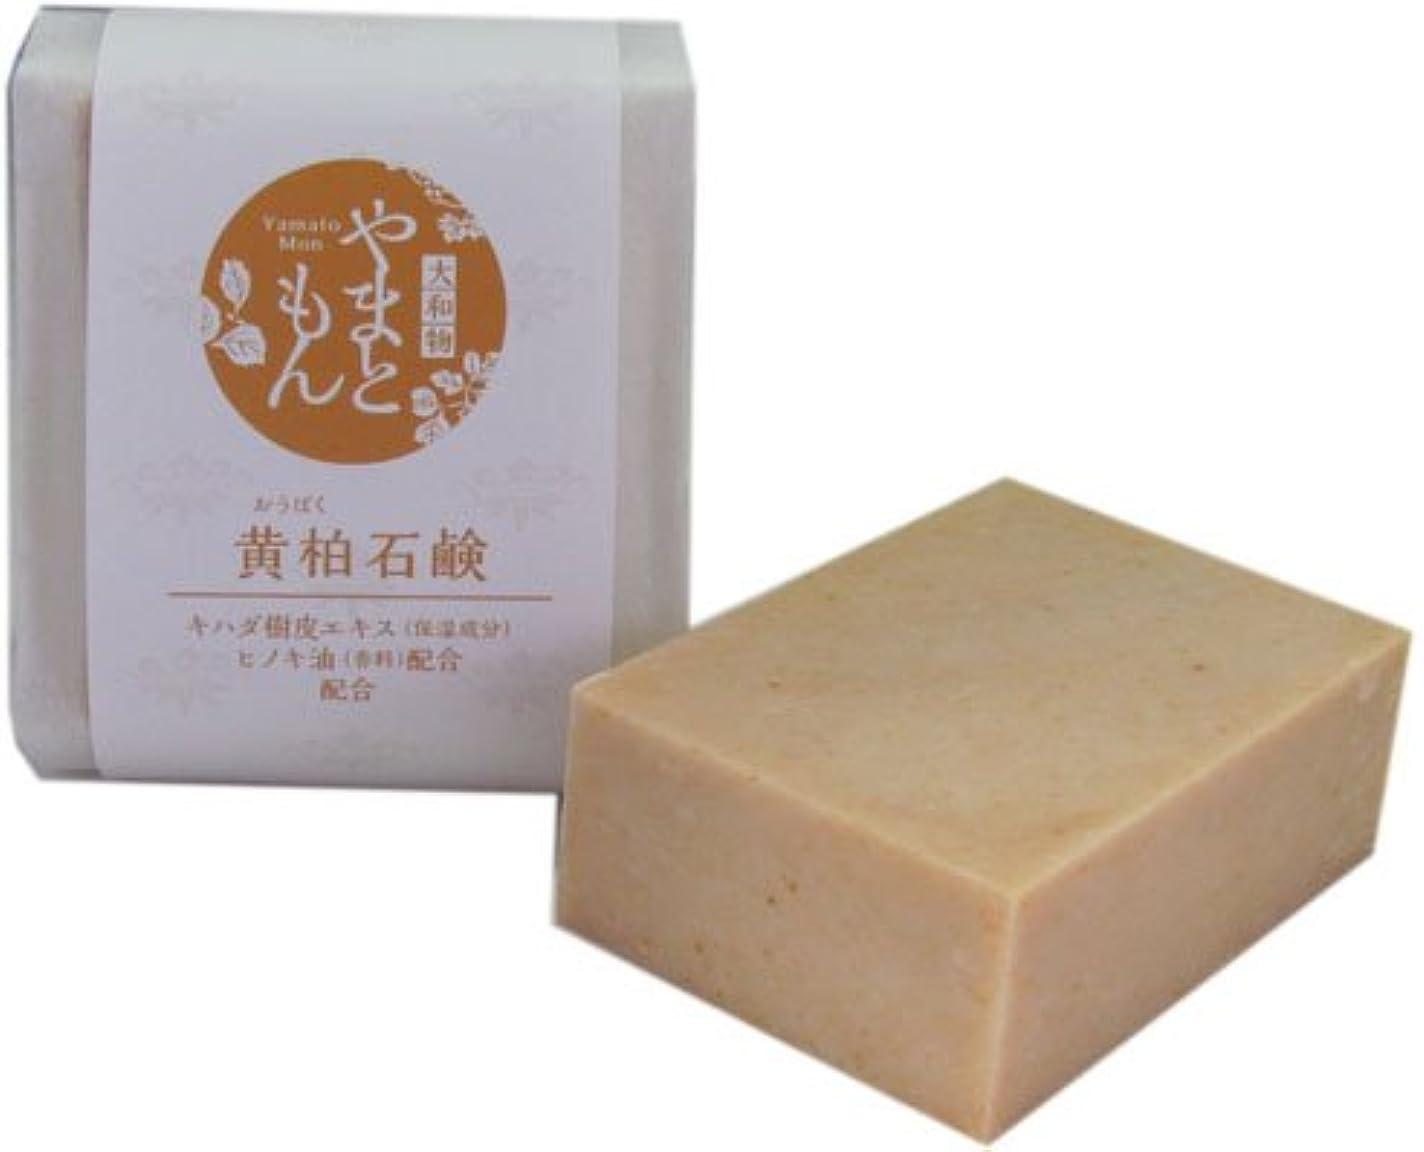 用心カンガルー深遠奈良産和漢生薬エキス使用やまともん化粧品 黄柏石鹸(おうばくせっけん)